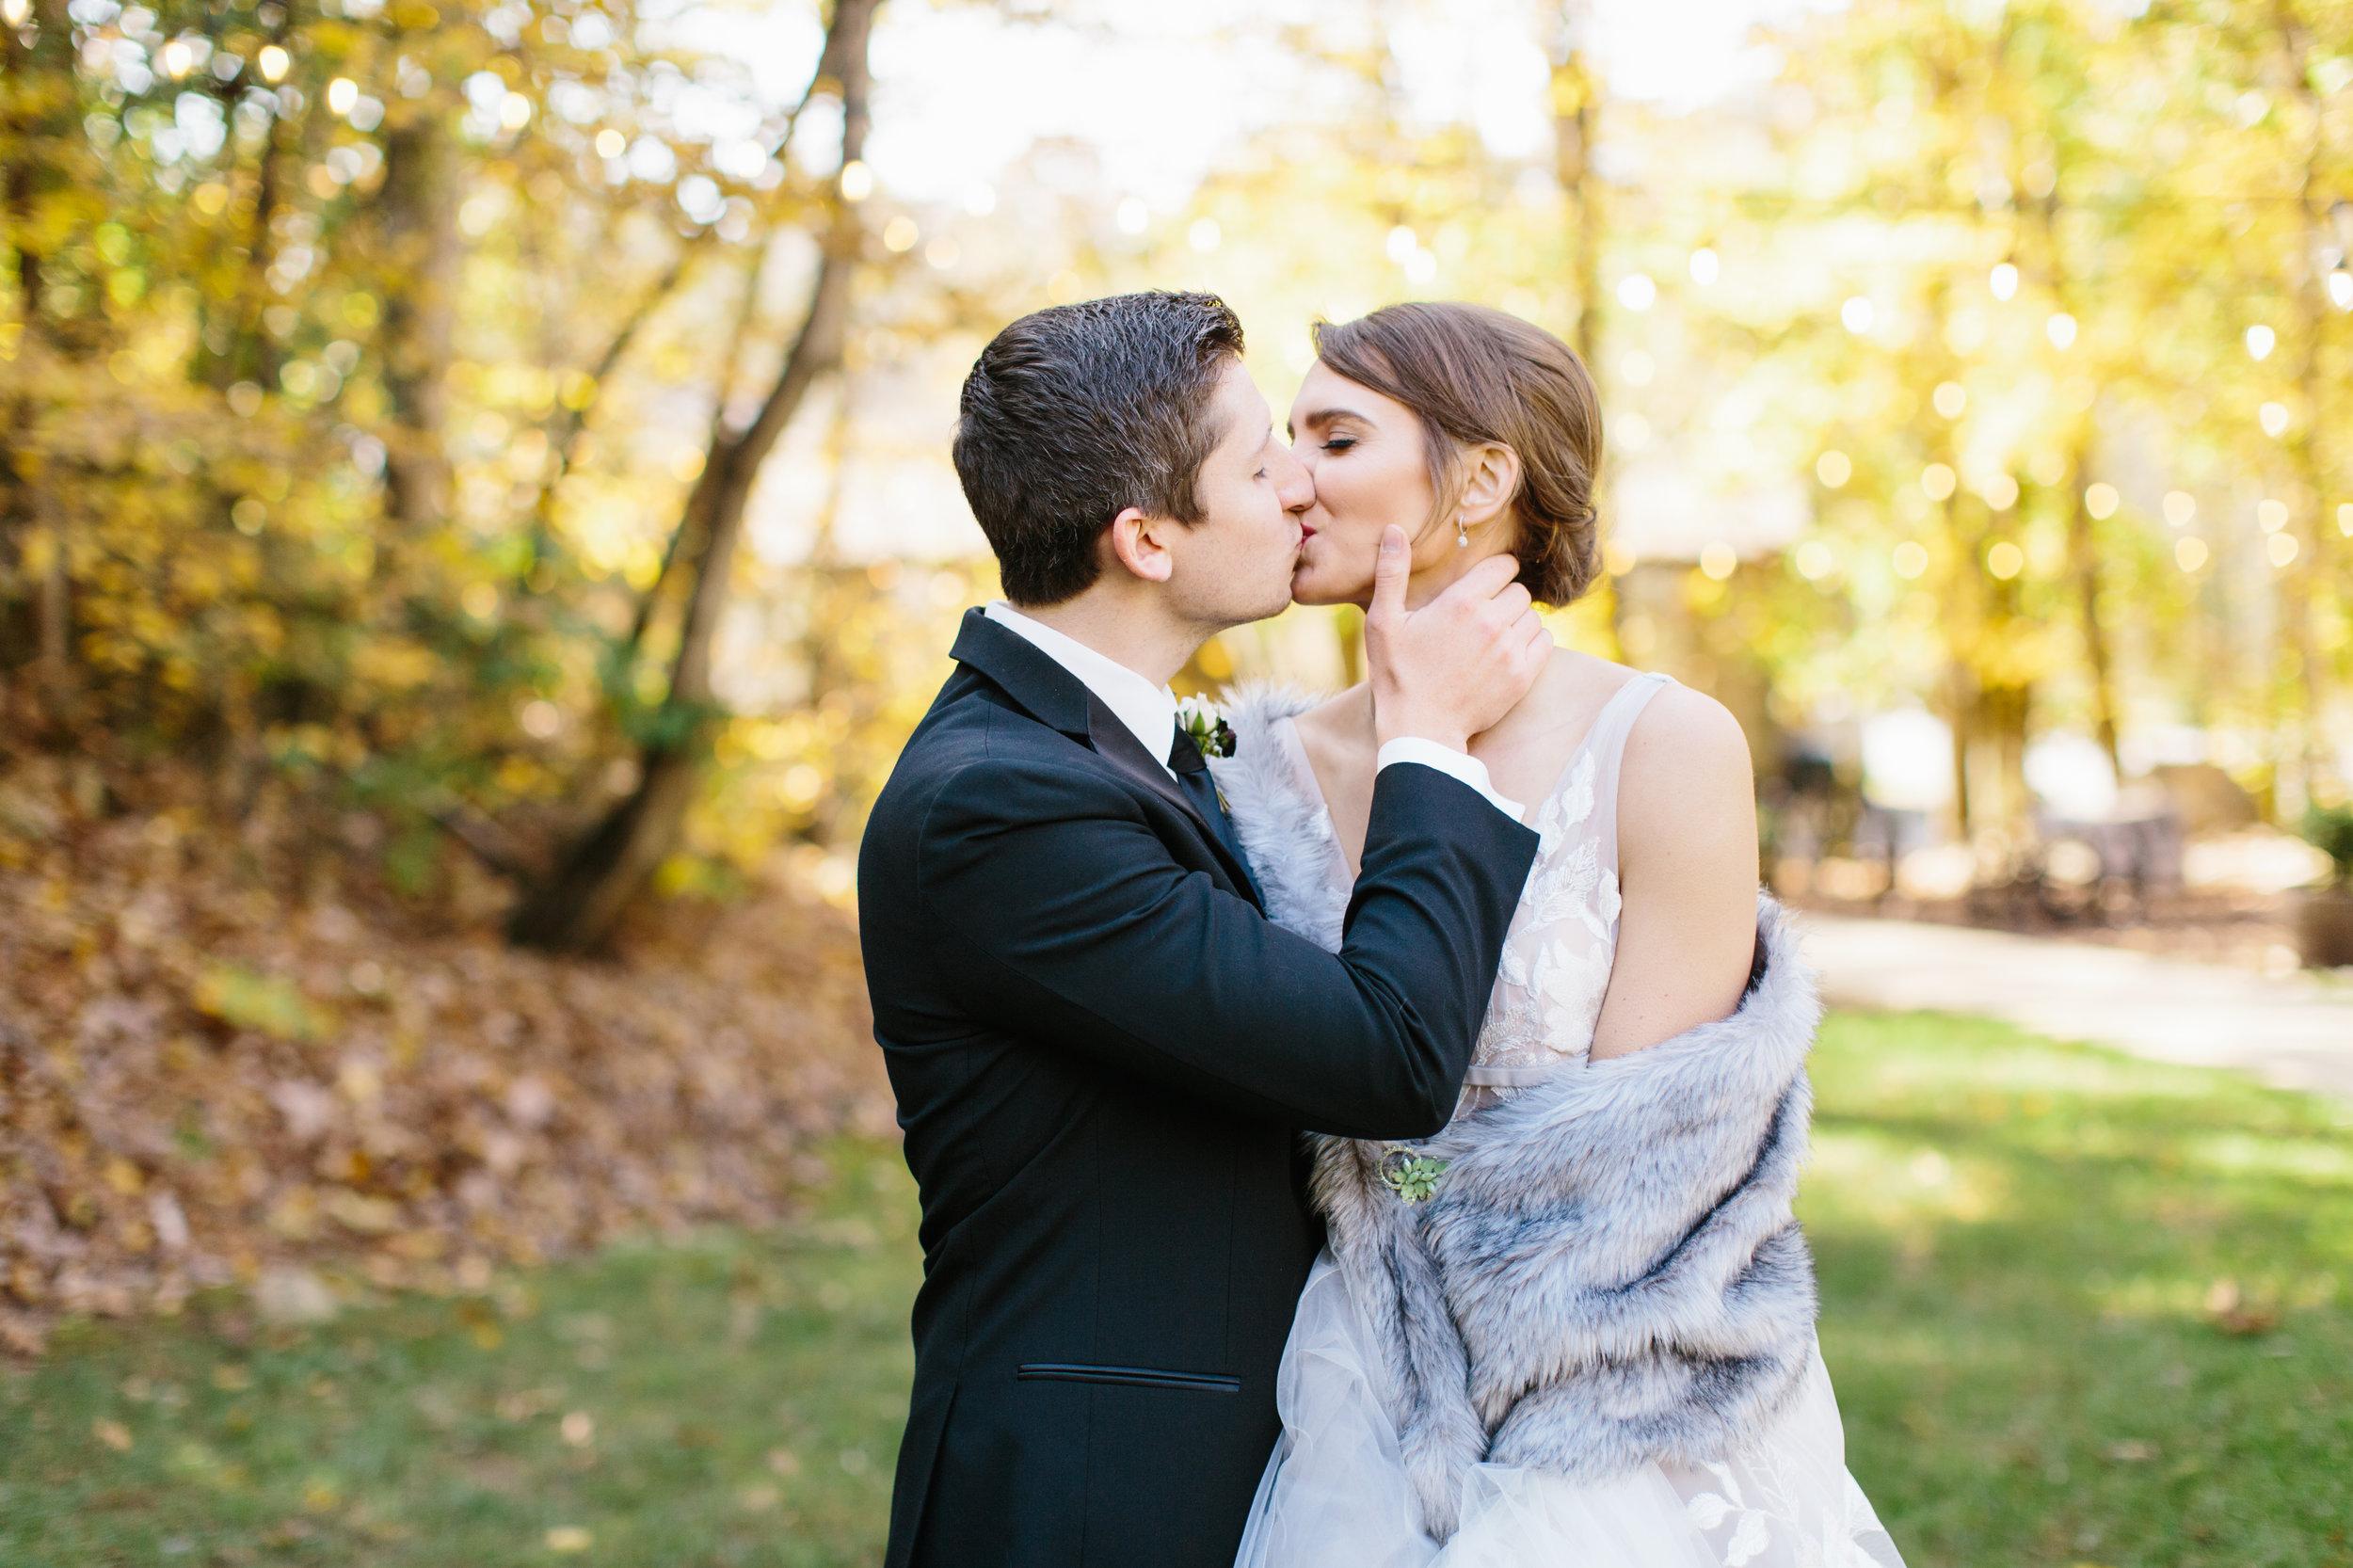 Ellen_Daniel_Wedding_Quarry_Venue_Knoxville_Abigail_Malone_Photography-170.jpg